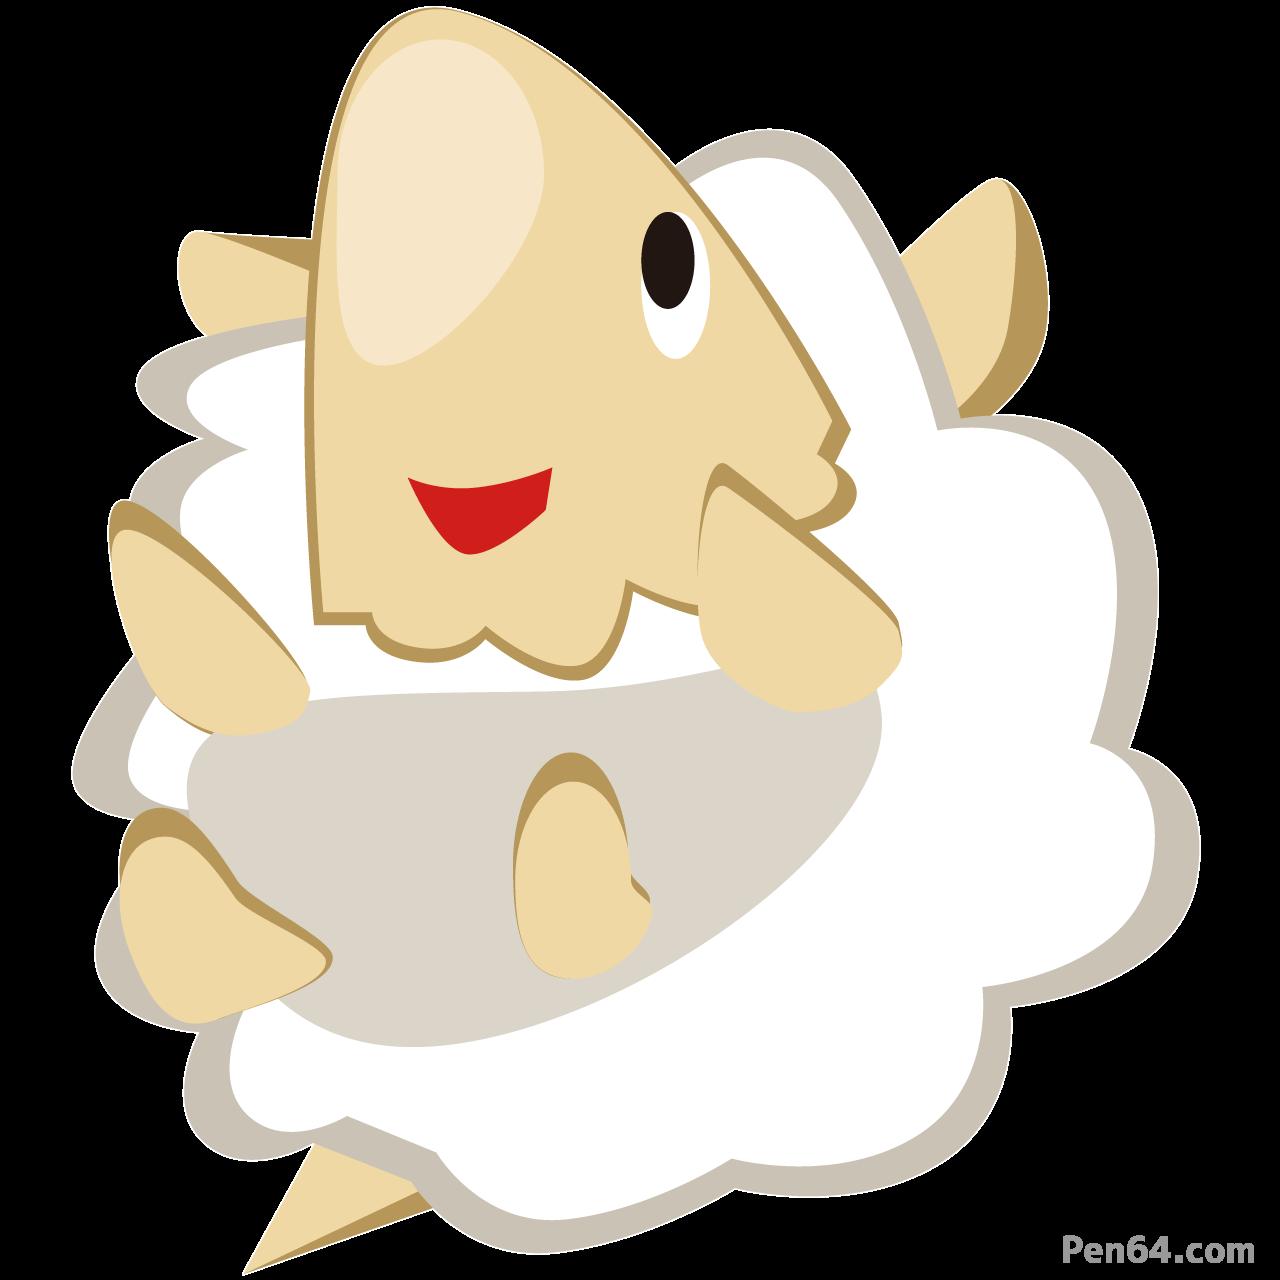 メイ ふわふわ羊キャラクターsheep